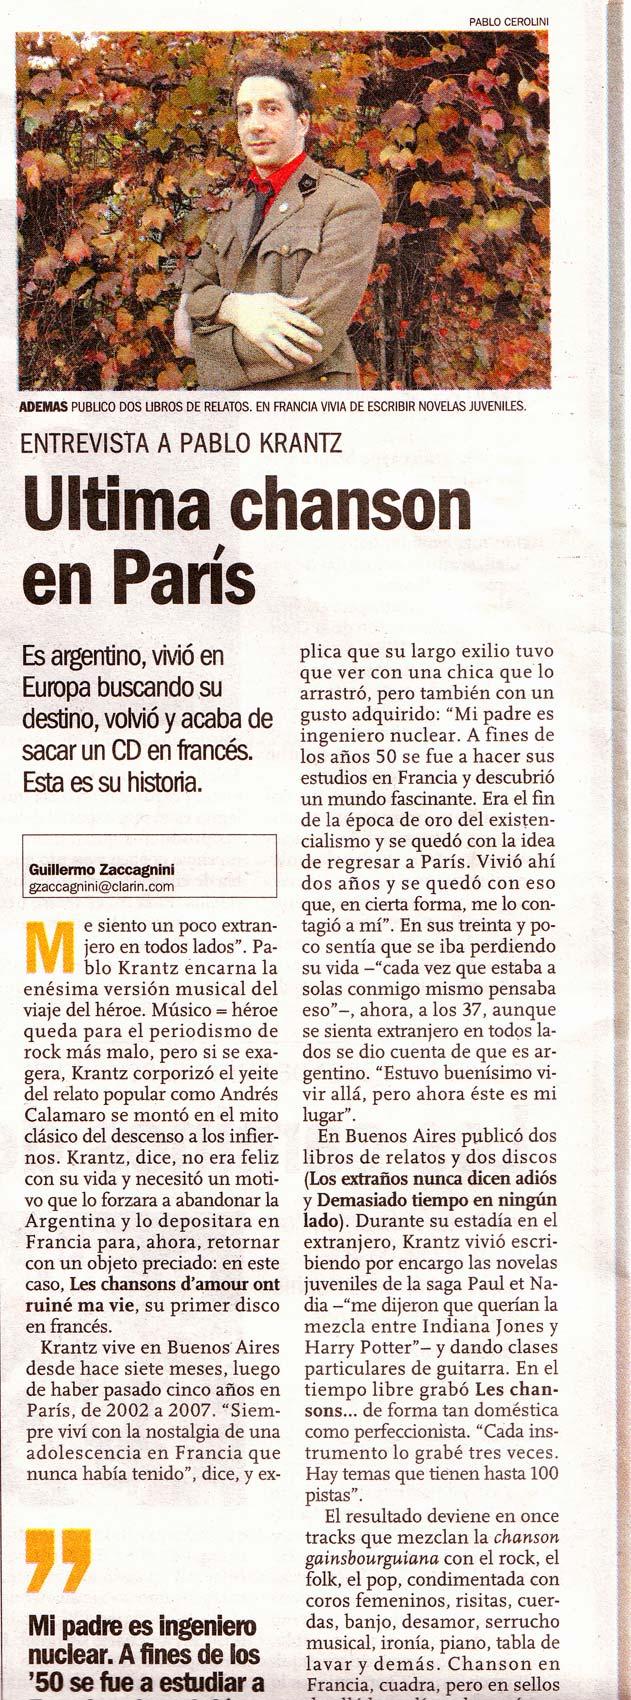 Diario Clarin, Argentina, 2008